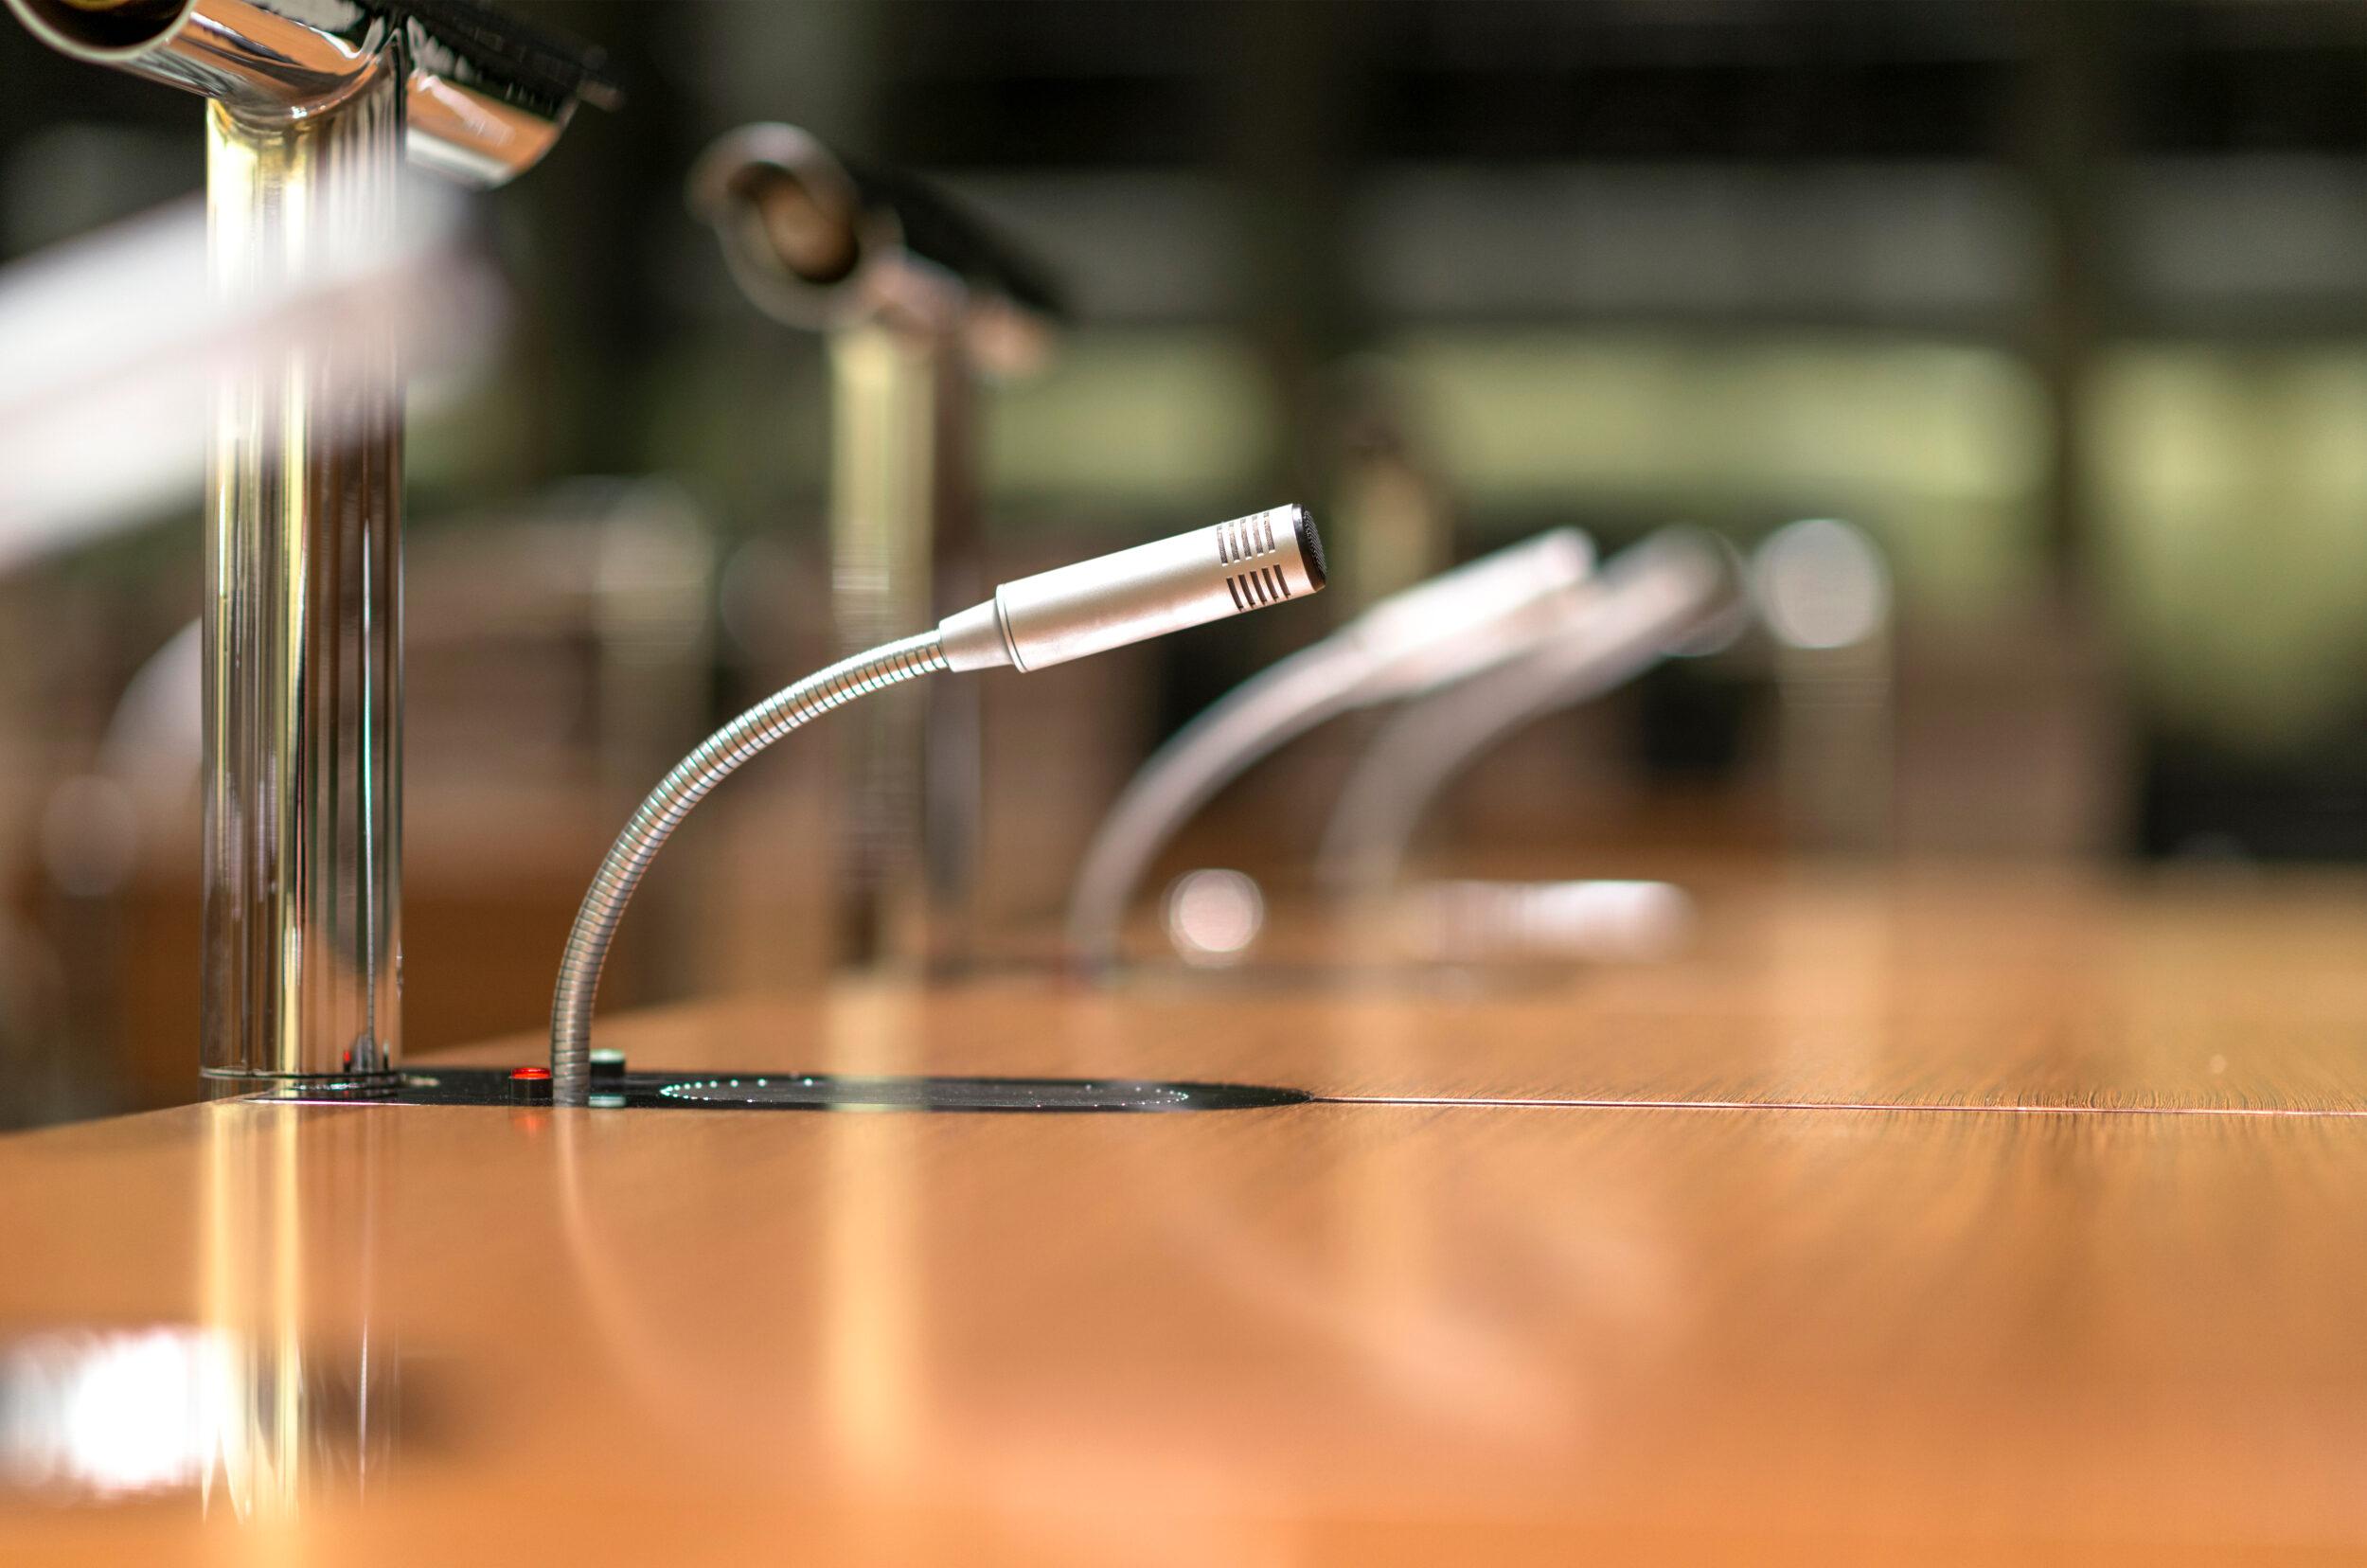 Uppkopplade mikrofoner inför ett digitalt möte.